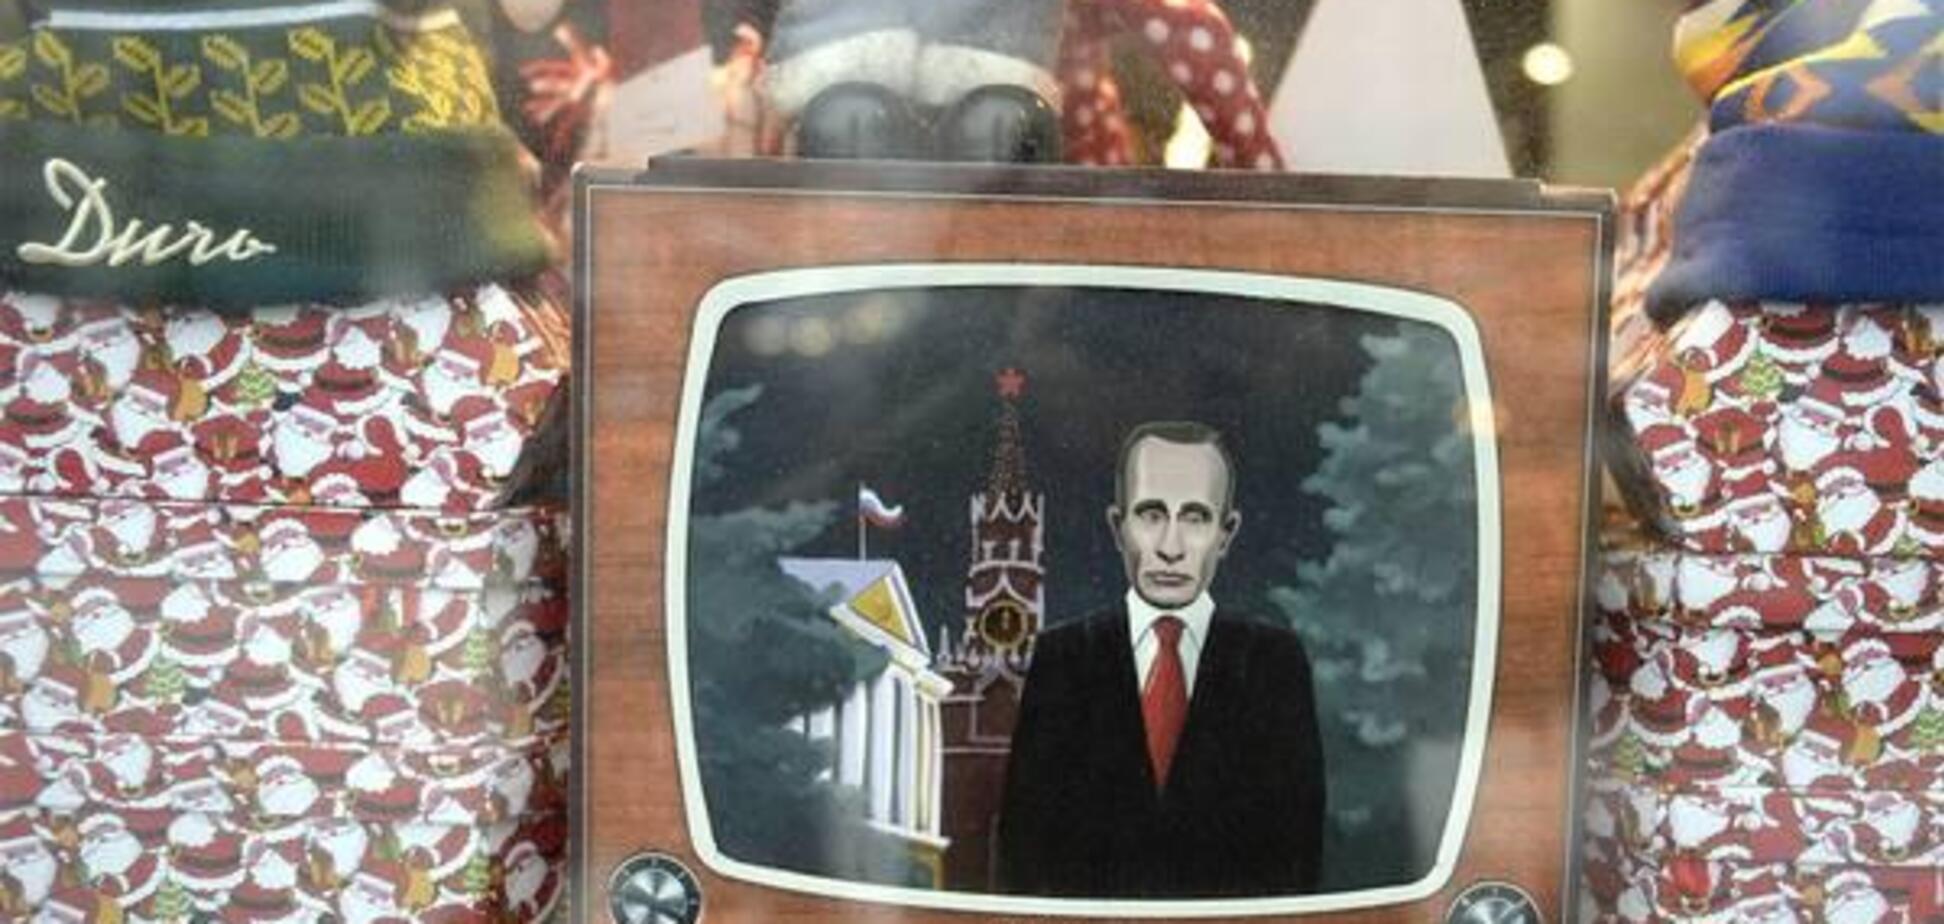 Топ-чиновник Нацполиции попался на роспропаганде